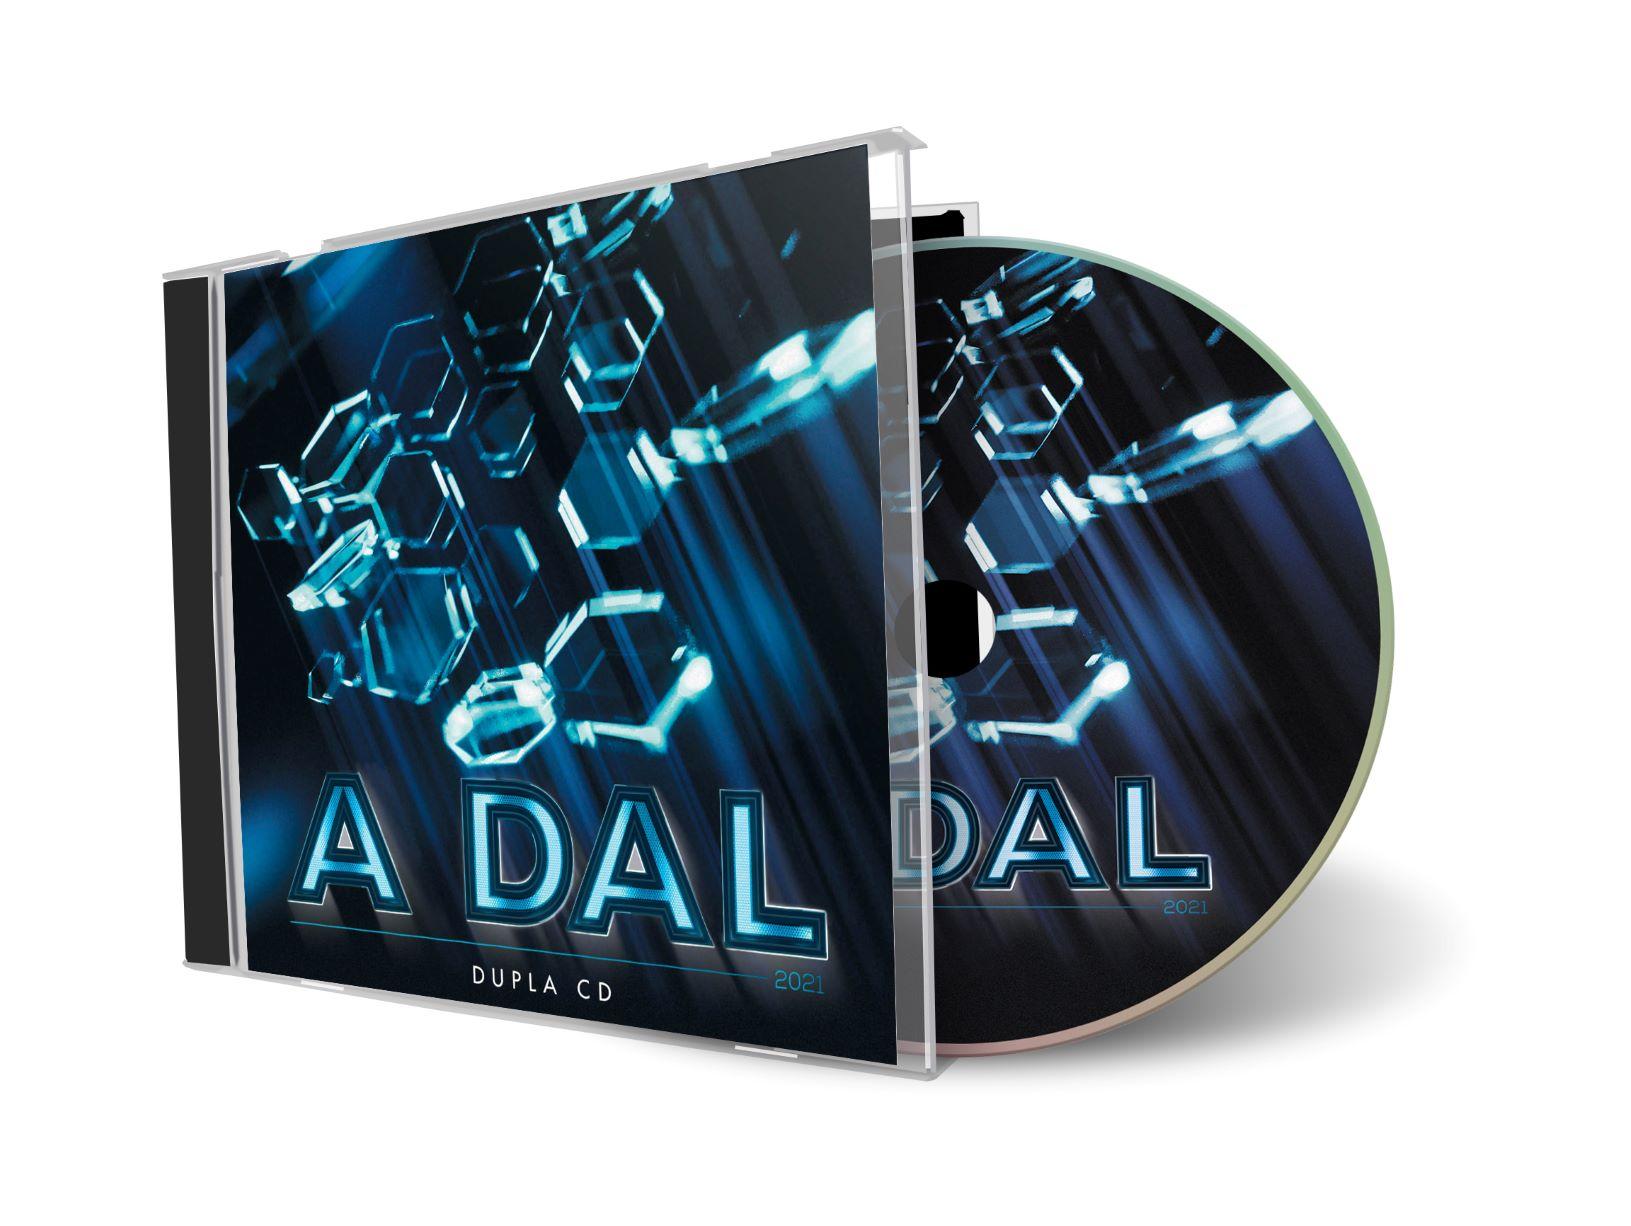 Válogatás A Dal 2021 2 CD (CD) | Lemezkuckó CD bolt